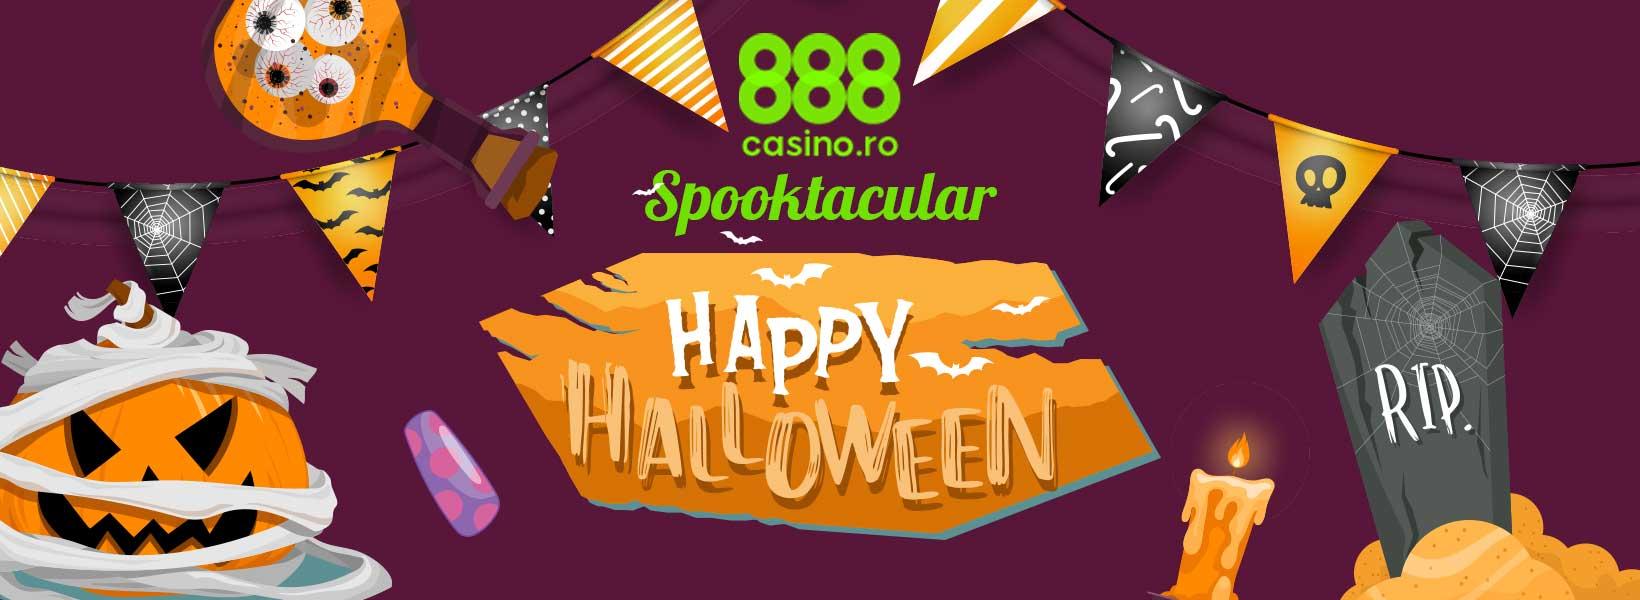 spooktacular 888